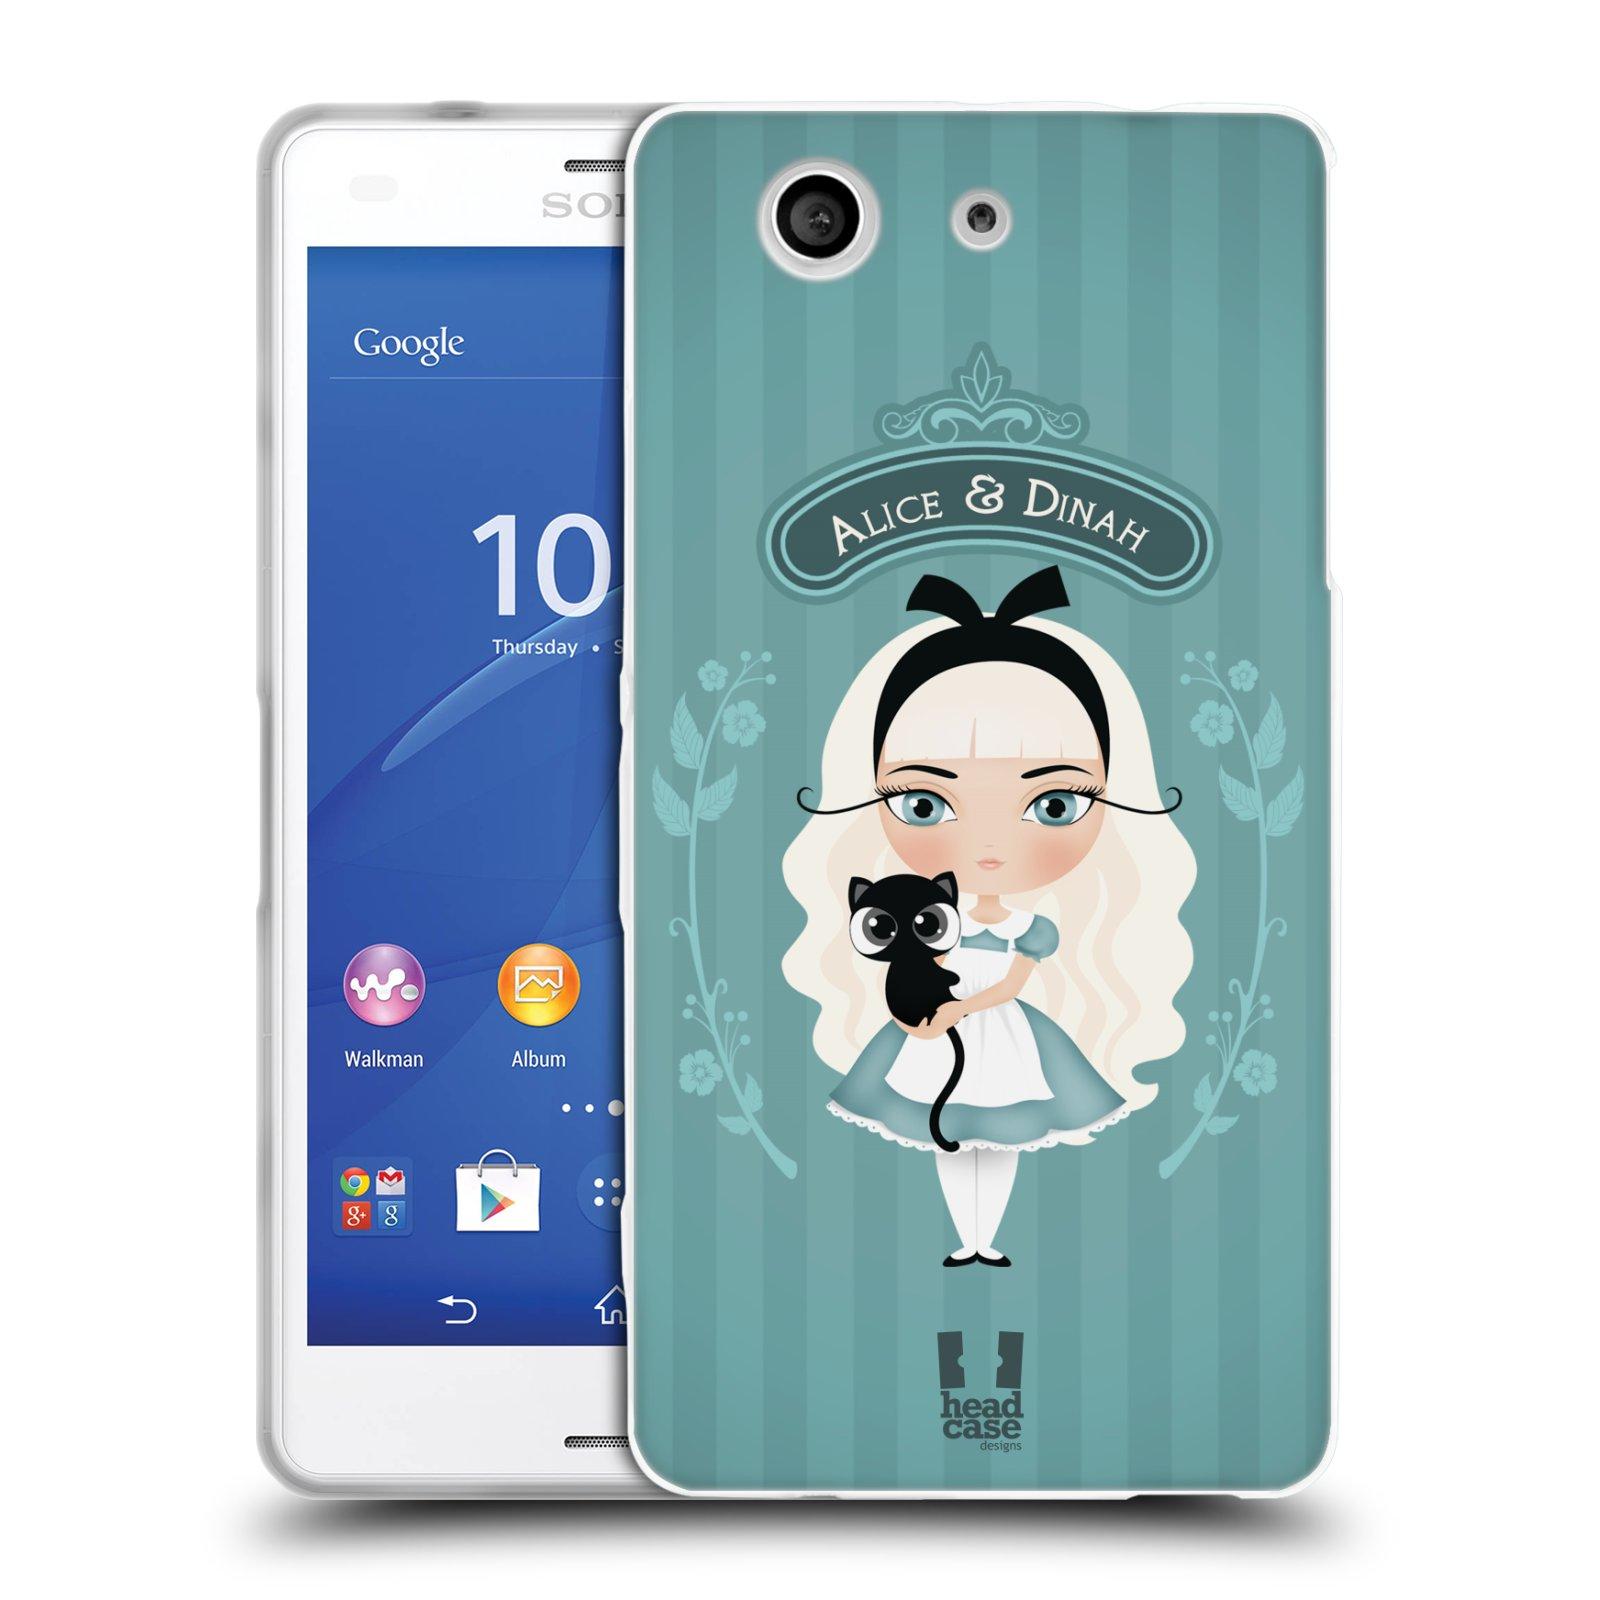 HEAD CASE silikonový obal na mobil Sony Xperia Z3 COMPACT (D5803) vzor Alenka v říši divů Alenka